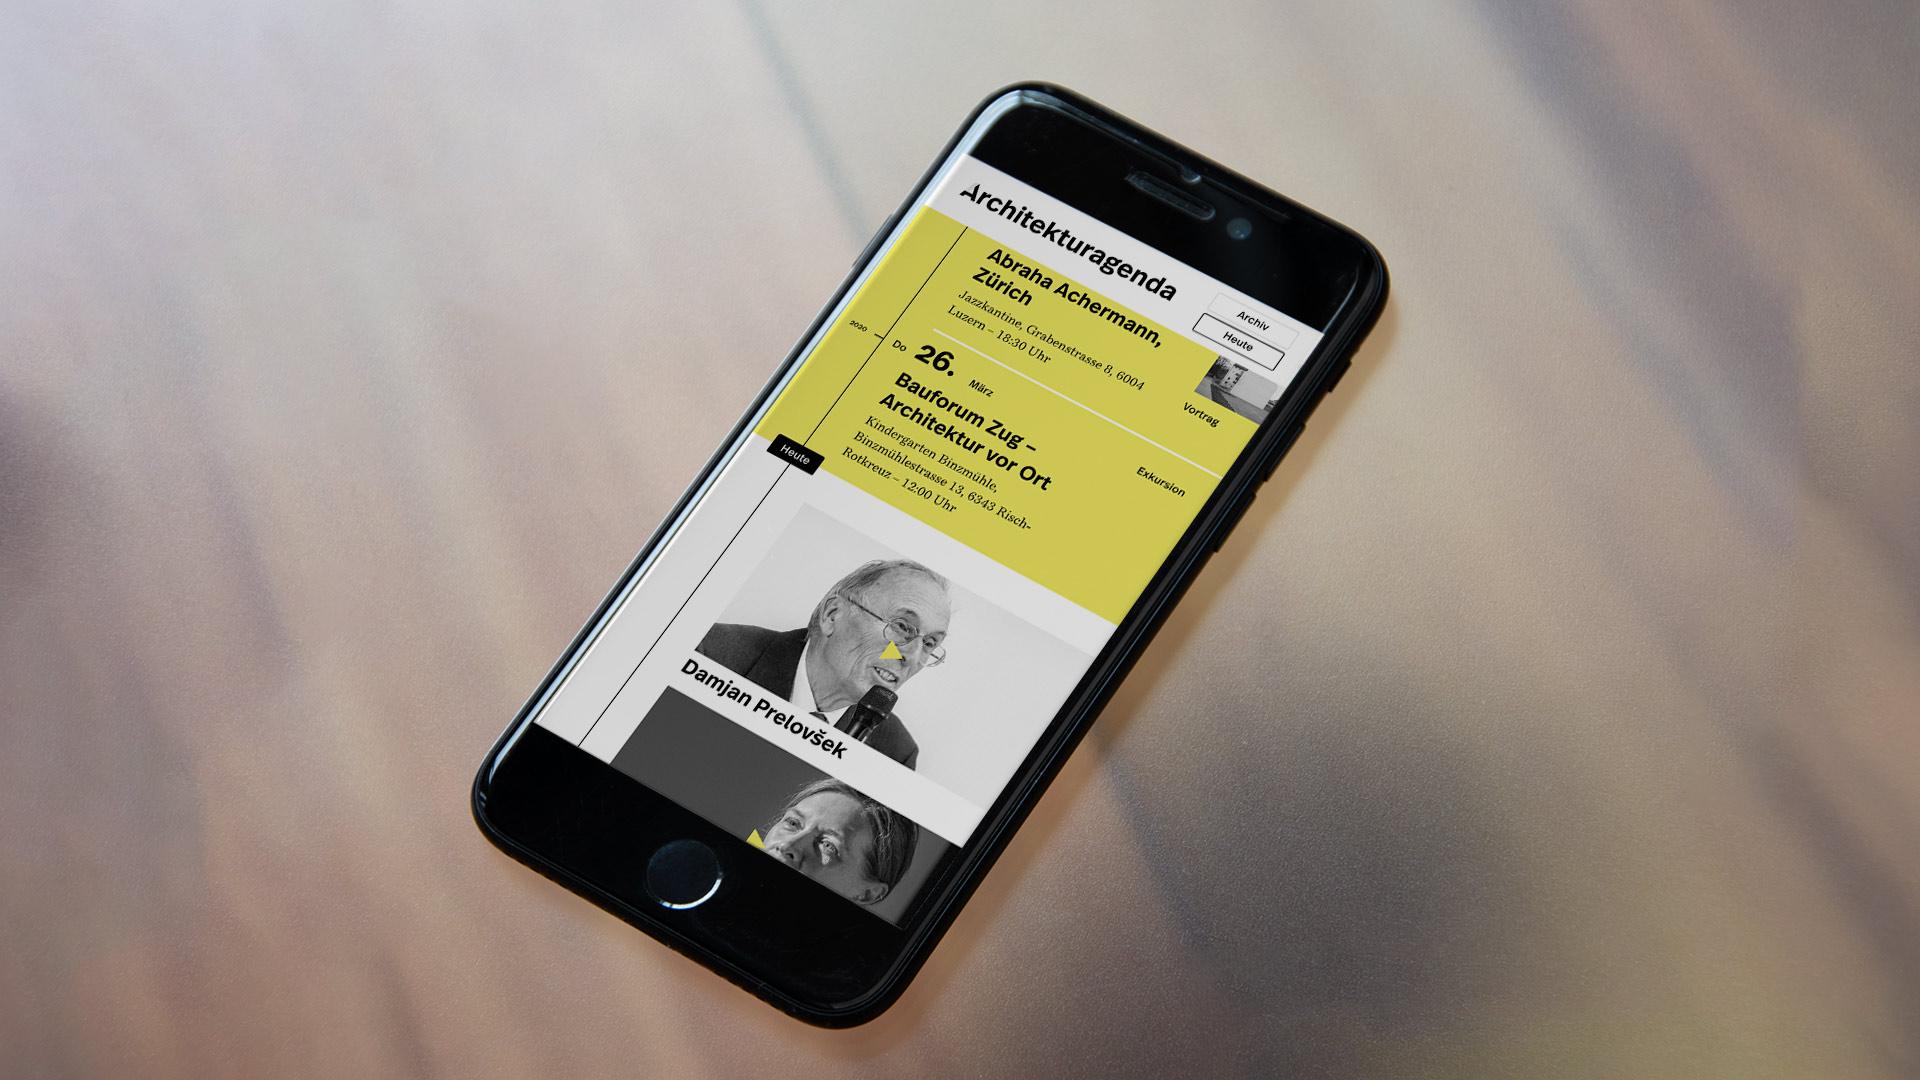 Architekturagenda und Architekturstellen – Web und Corporate Design der neuen Portale der Schweizer Architekturszene – l'équipe visuelle – Grafikatelier